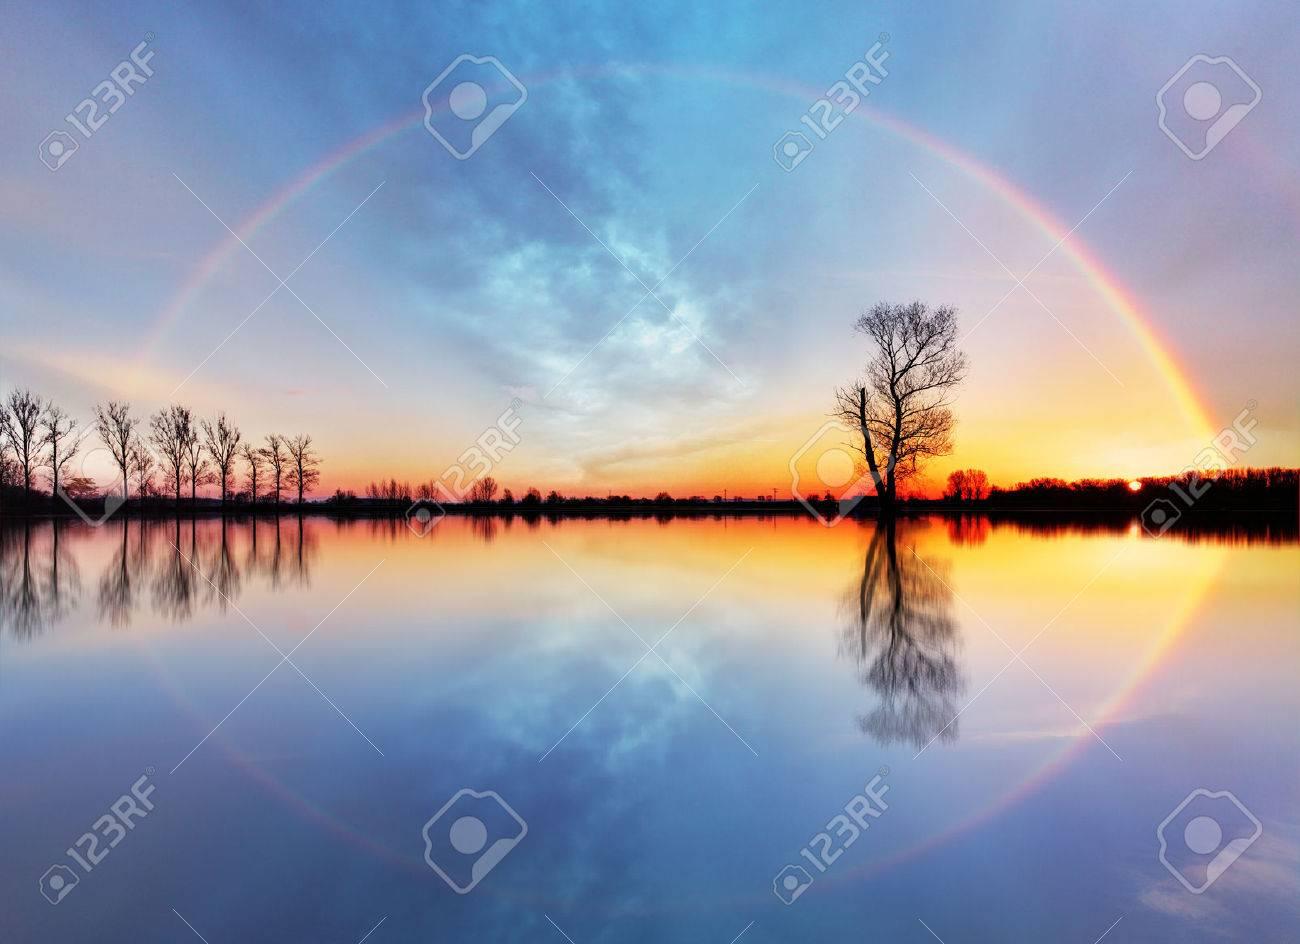 Tree and sun on lake sunrise - 48292982